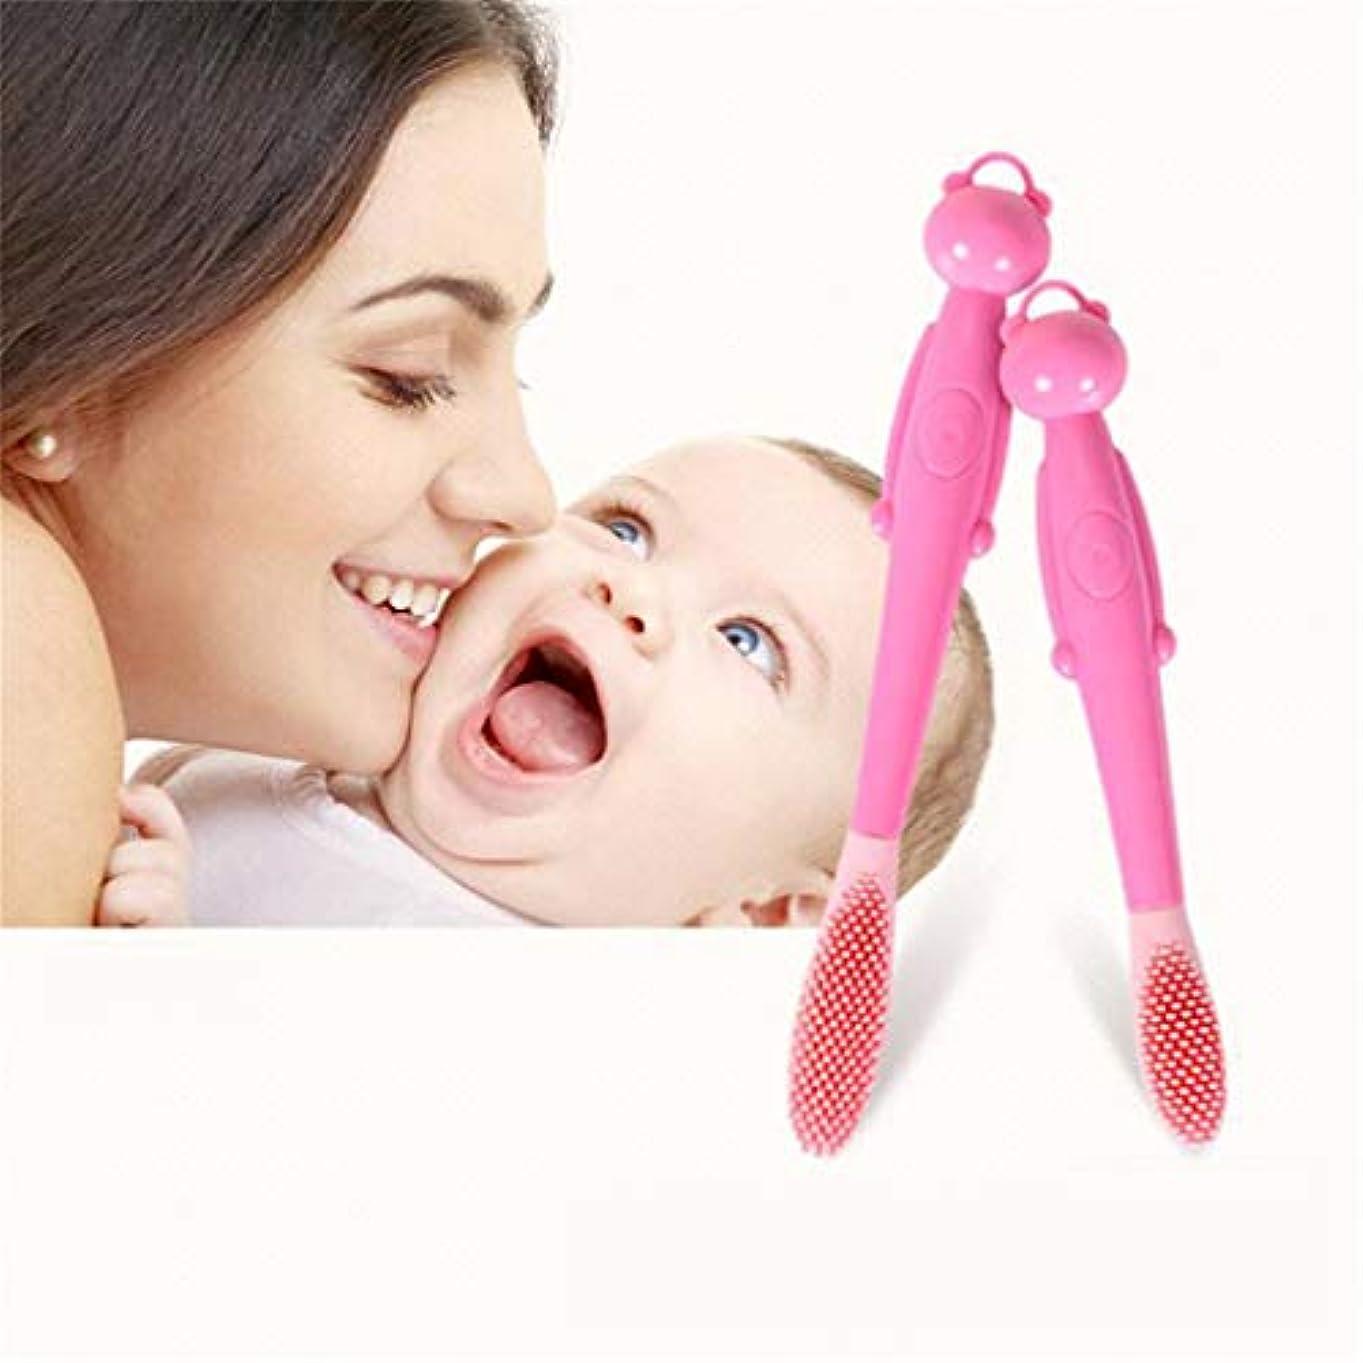 急襲扇動する流星JIOLK ベビー幼児シリコーンソフト歯ブラシ ベビー歯ブラシ 0-1-2-3歳 子供用ミルク歯ブラシ